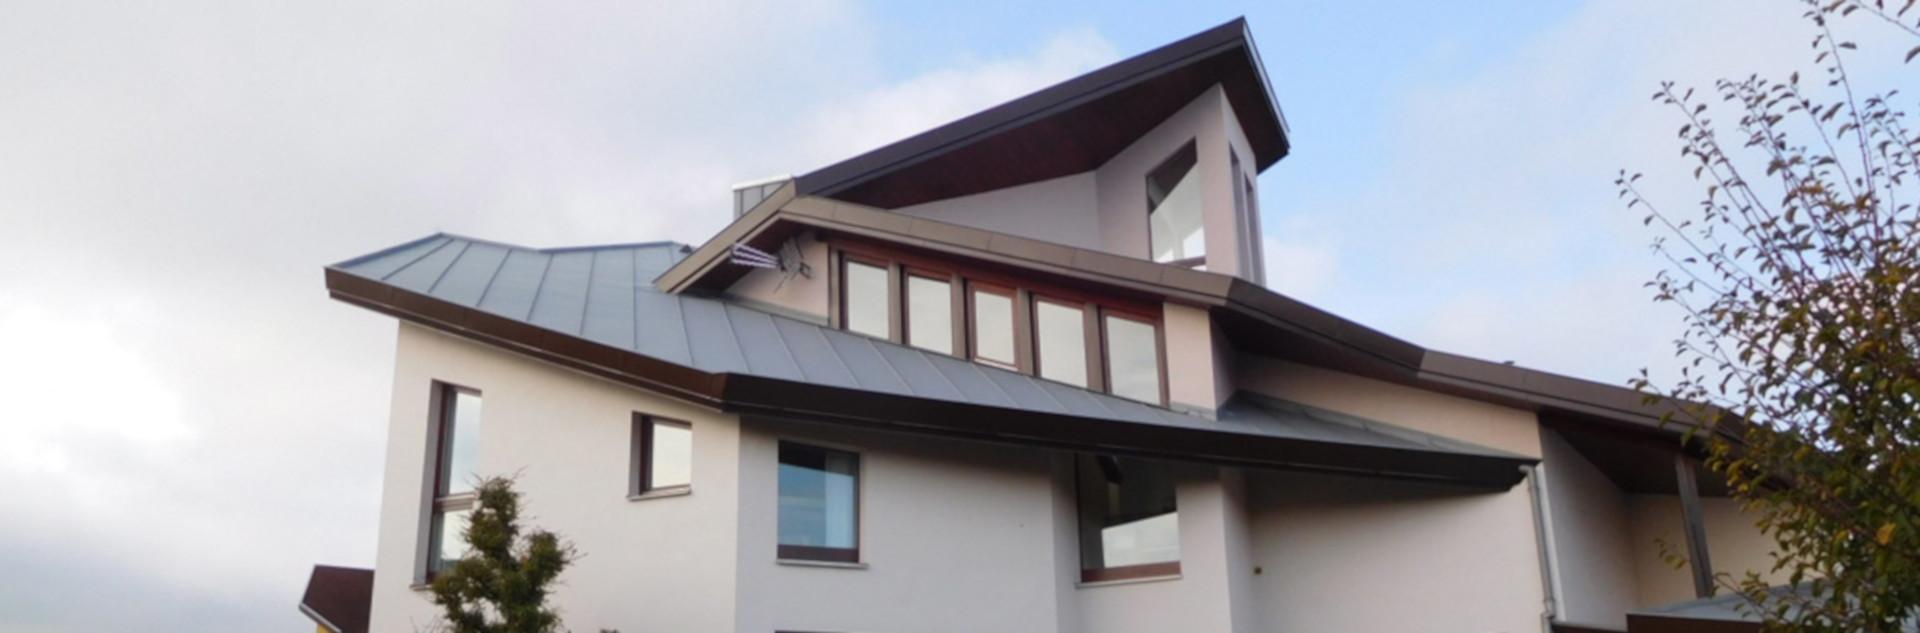 Giessler saverne couverture tanch it de toiture fen tre de toit for Fenetre toiture